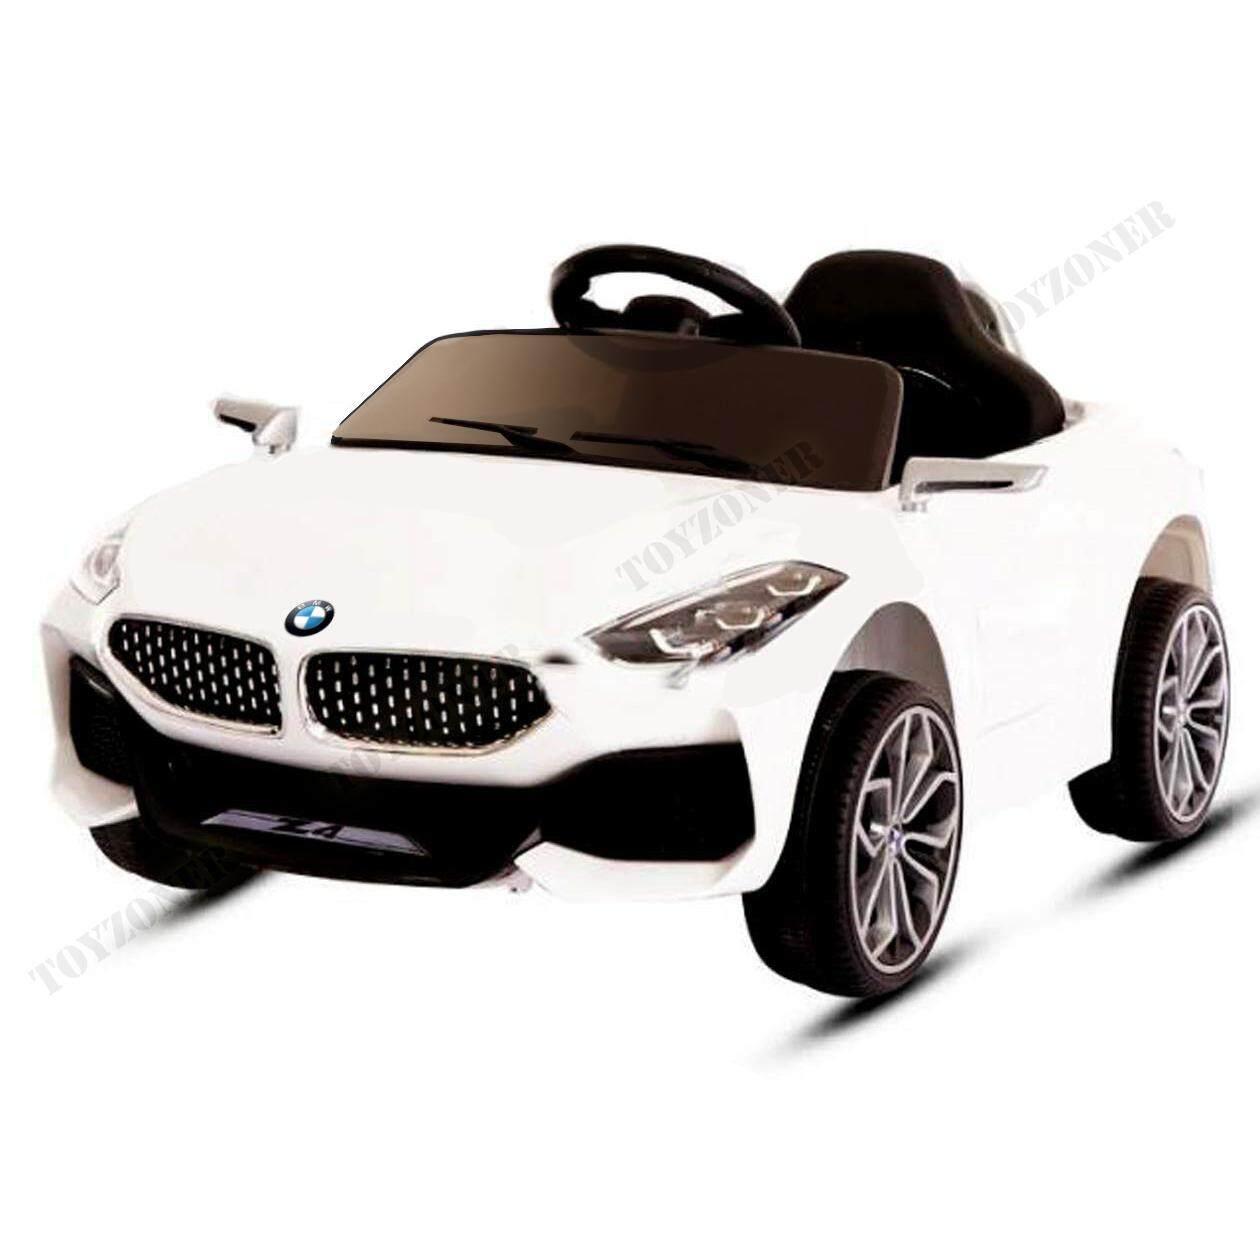 ประกัน 6 เดือน Bmw Z4 โยกได้ 12v 2 Motors รถแบตเตอรี่ รถเด็กนั่งไฟฟ้า รถเด็กเล่นบังคับวิทยุ By Toyzoner.